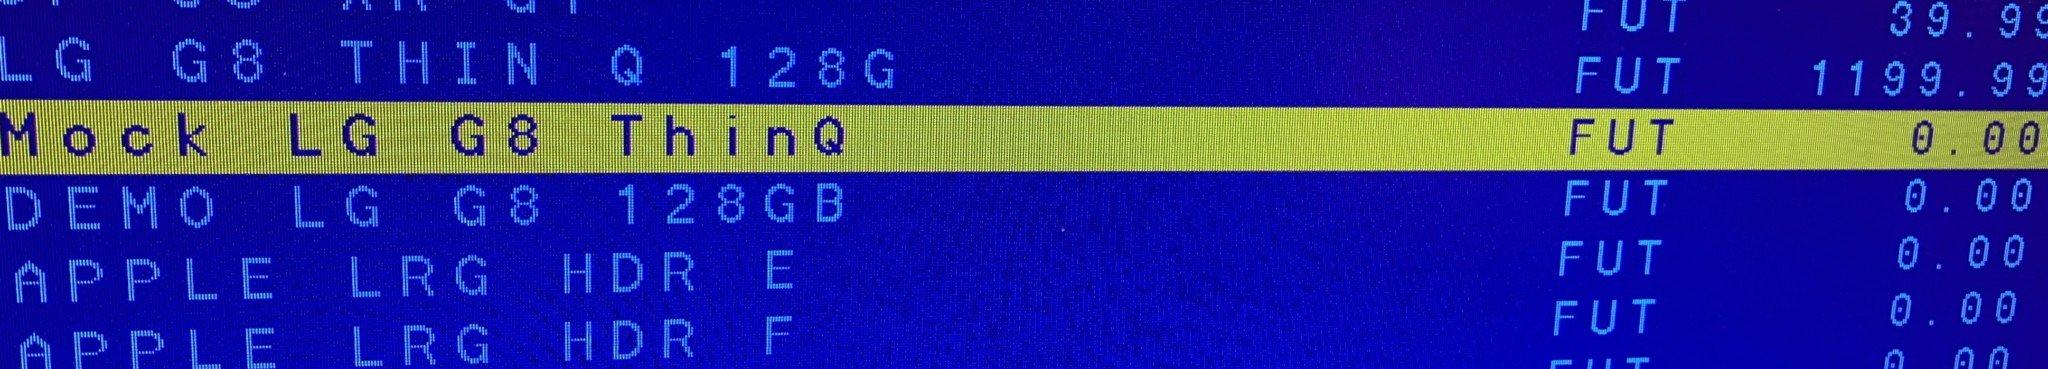 LG G8 ThinQ Preis